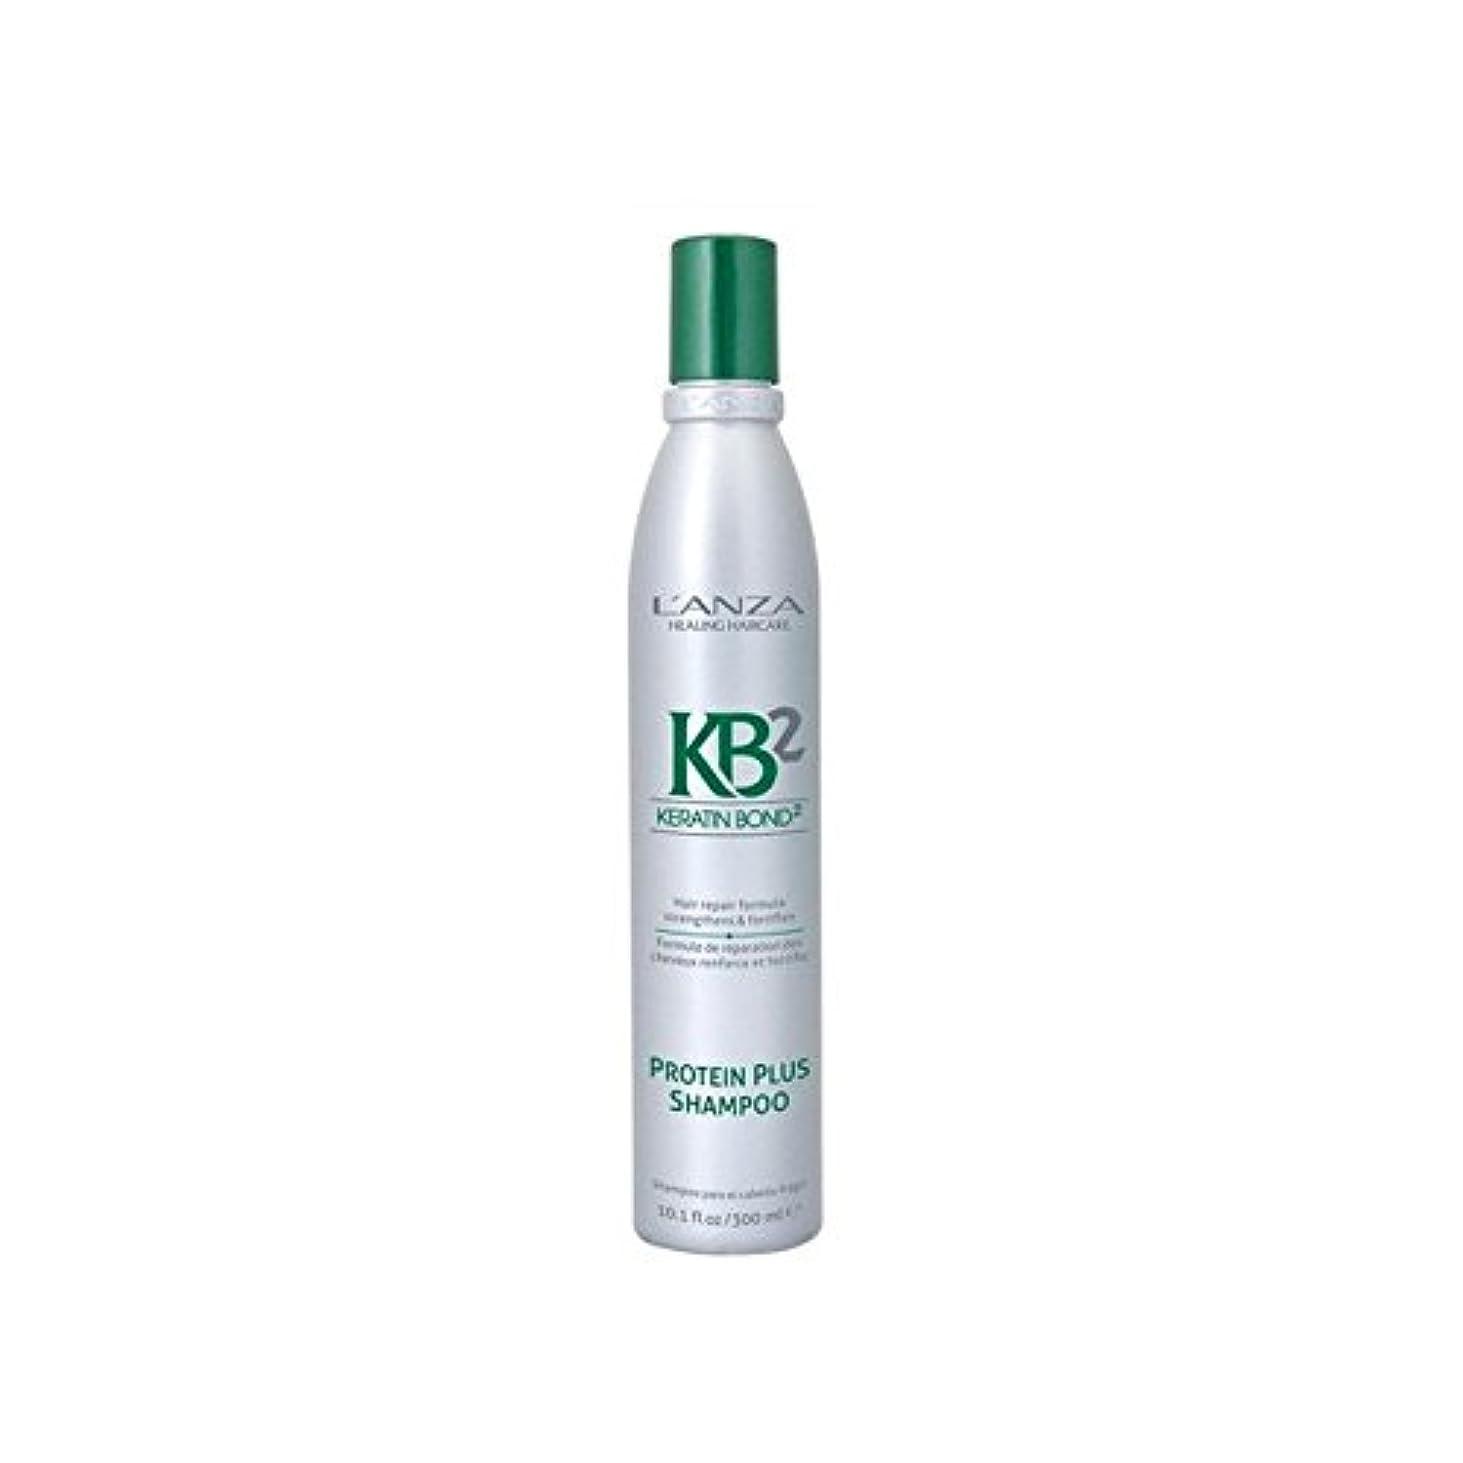 ランチョンできればカカドゥL'Anza Kb2 Protein Plus Shampoo (300ml) - アンザ2タンパク質プラスシャンプー(300ミリリットル) [並行輸入品]